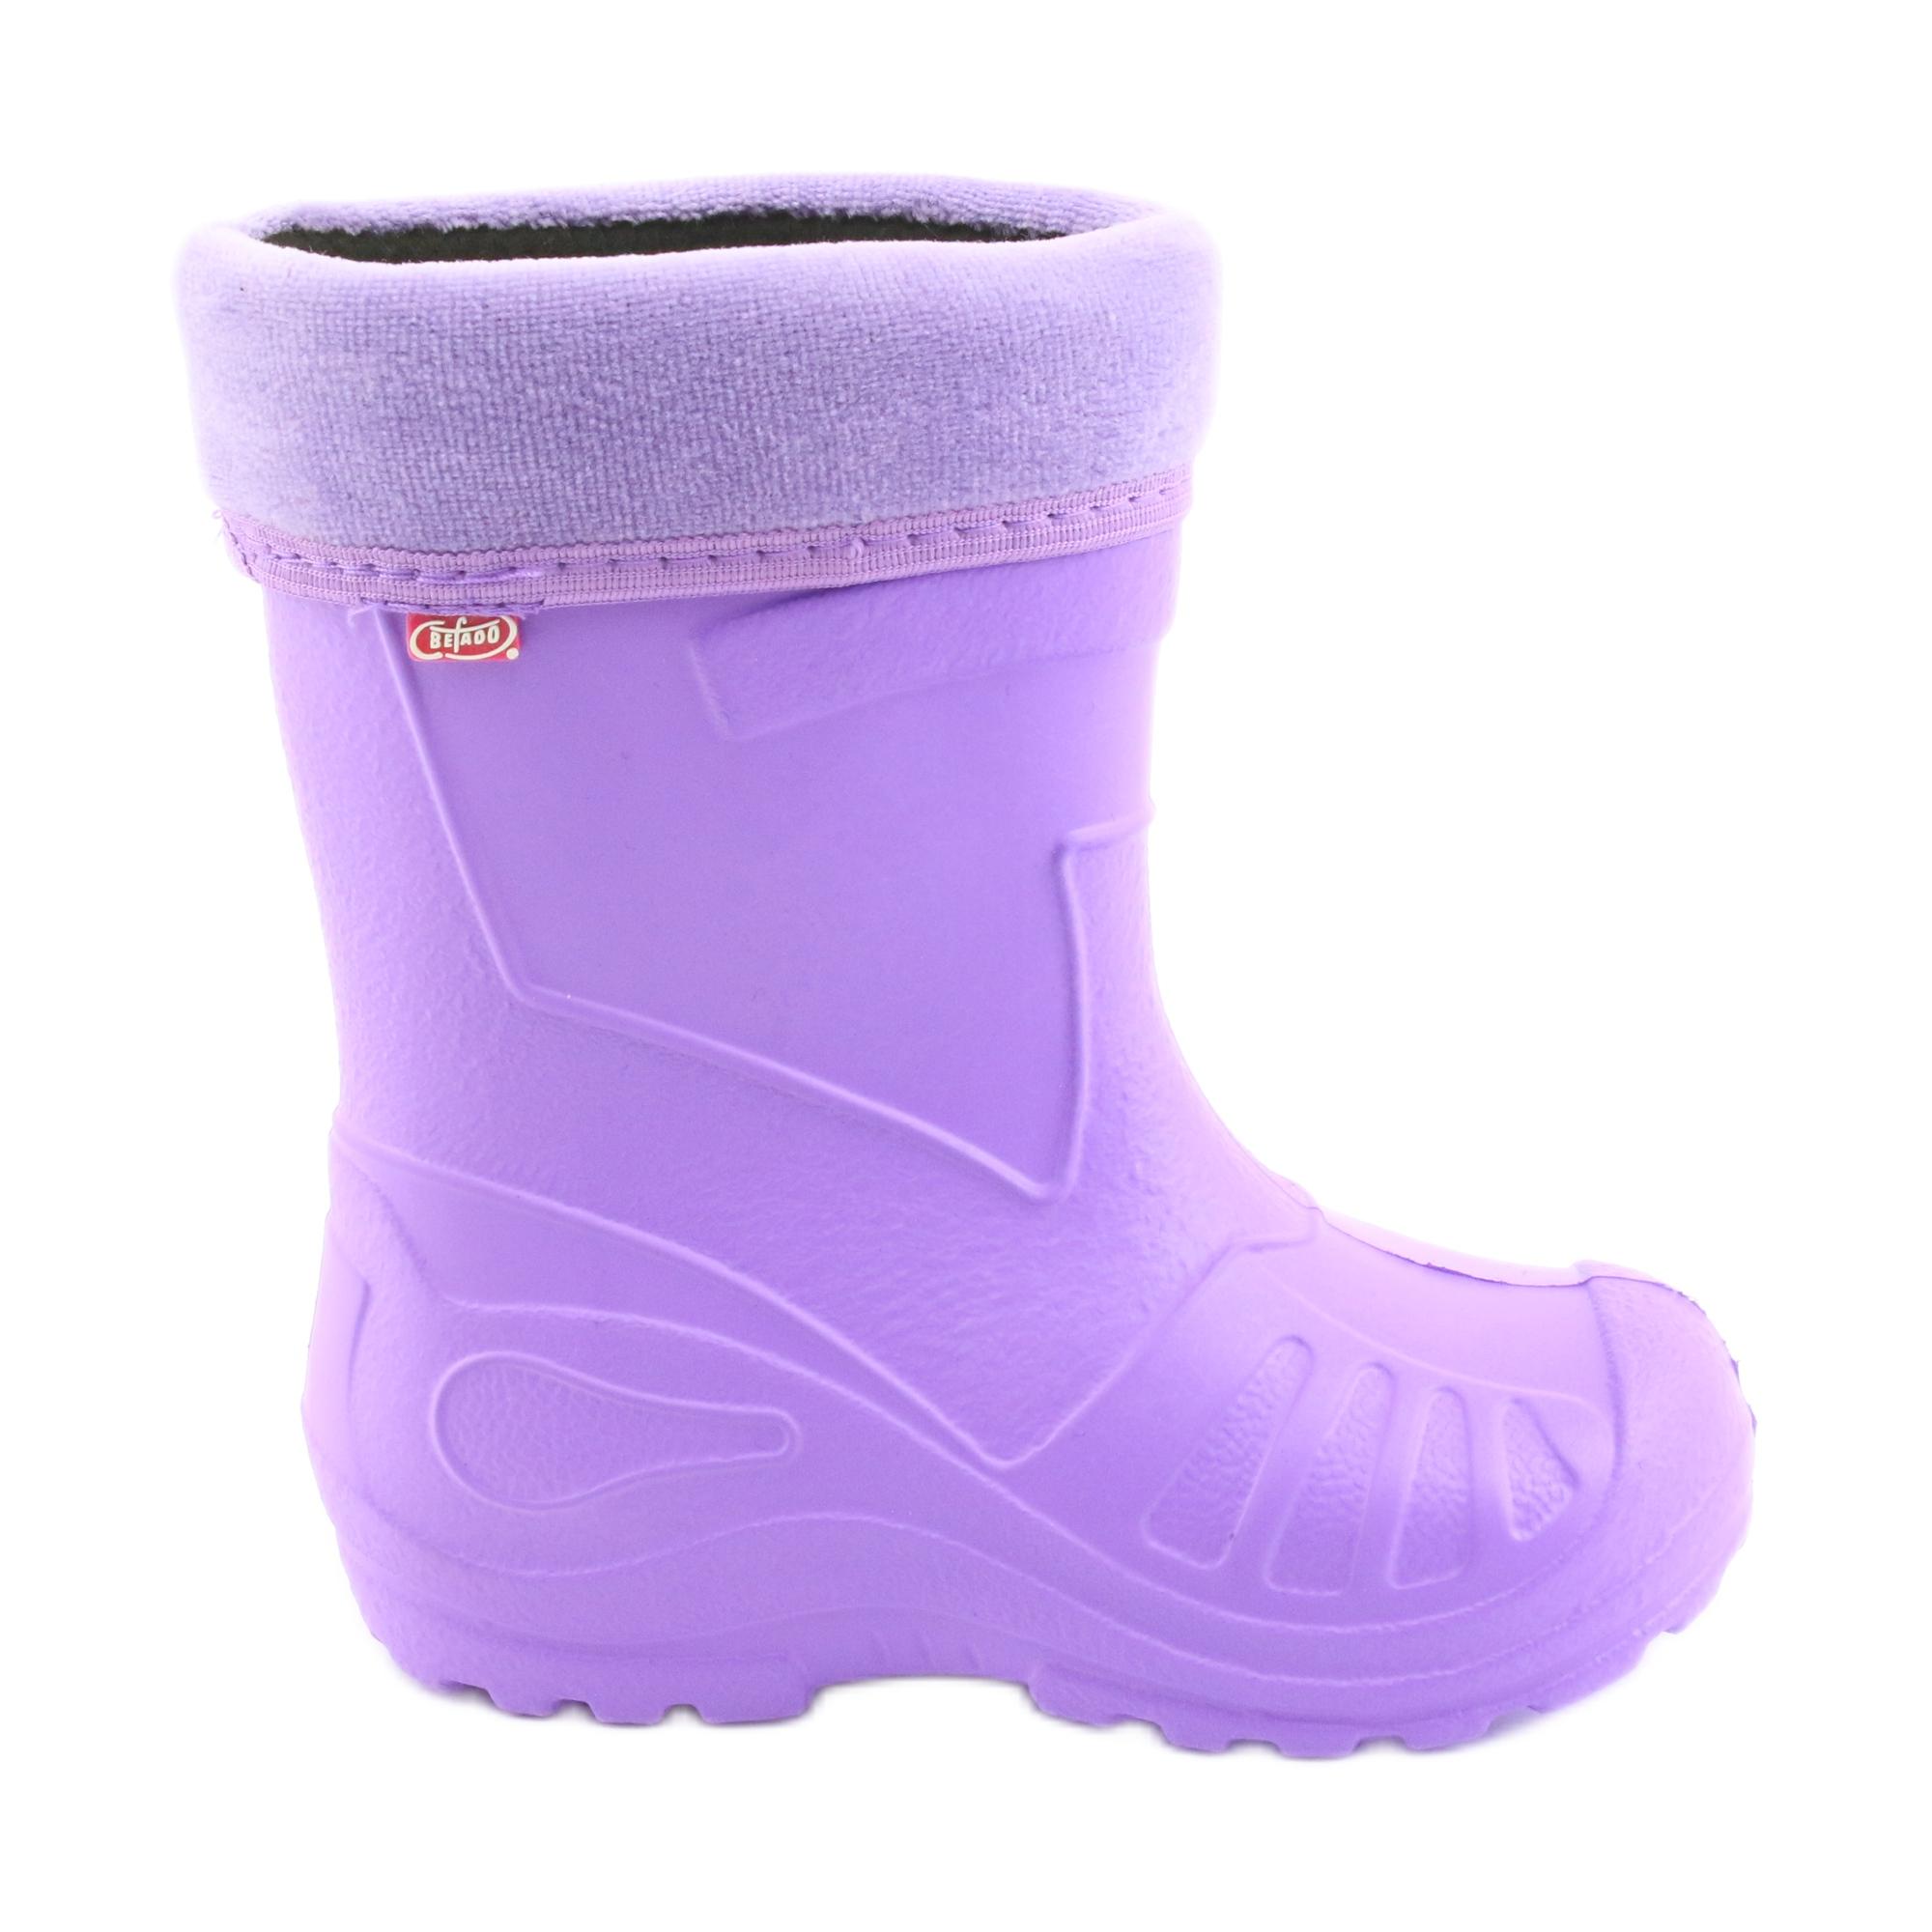 Stivali da pioggia per bambini Befado viola 162X102 porpora